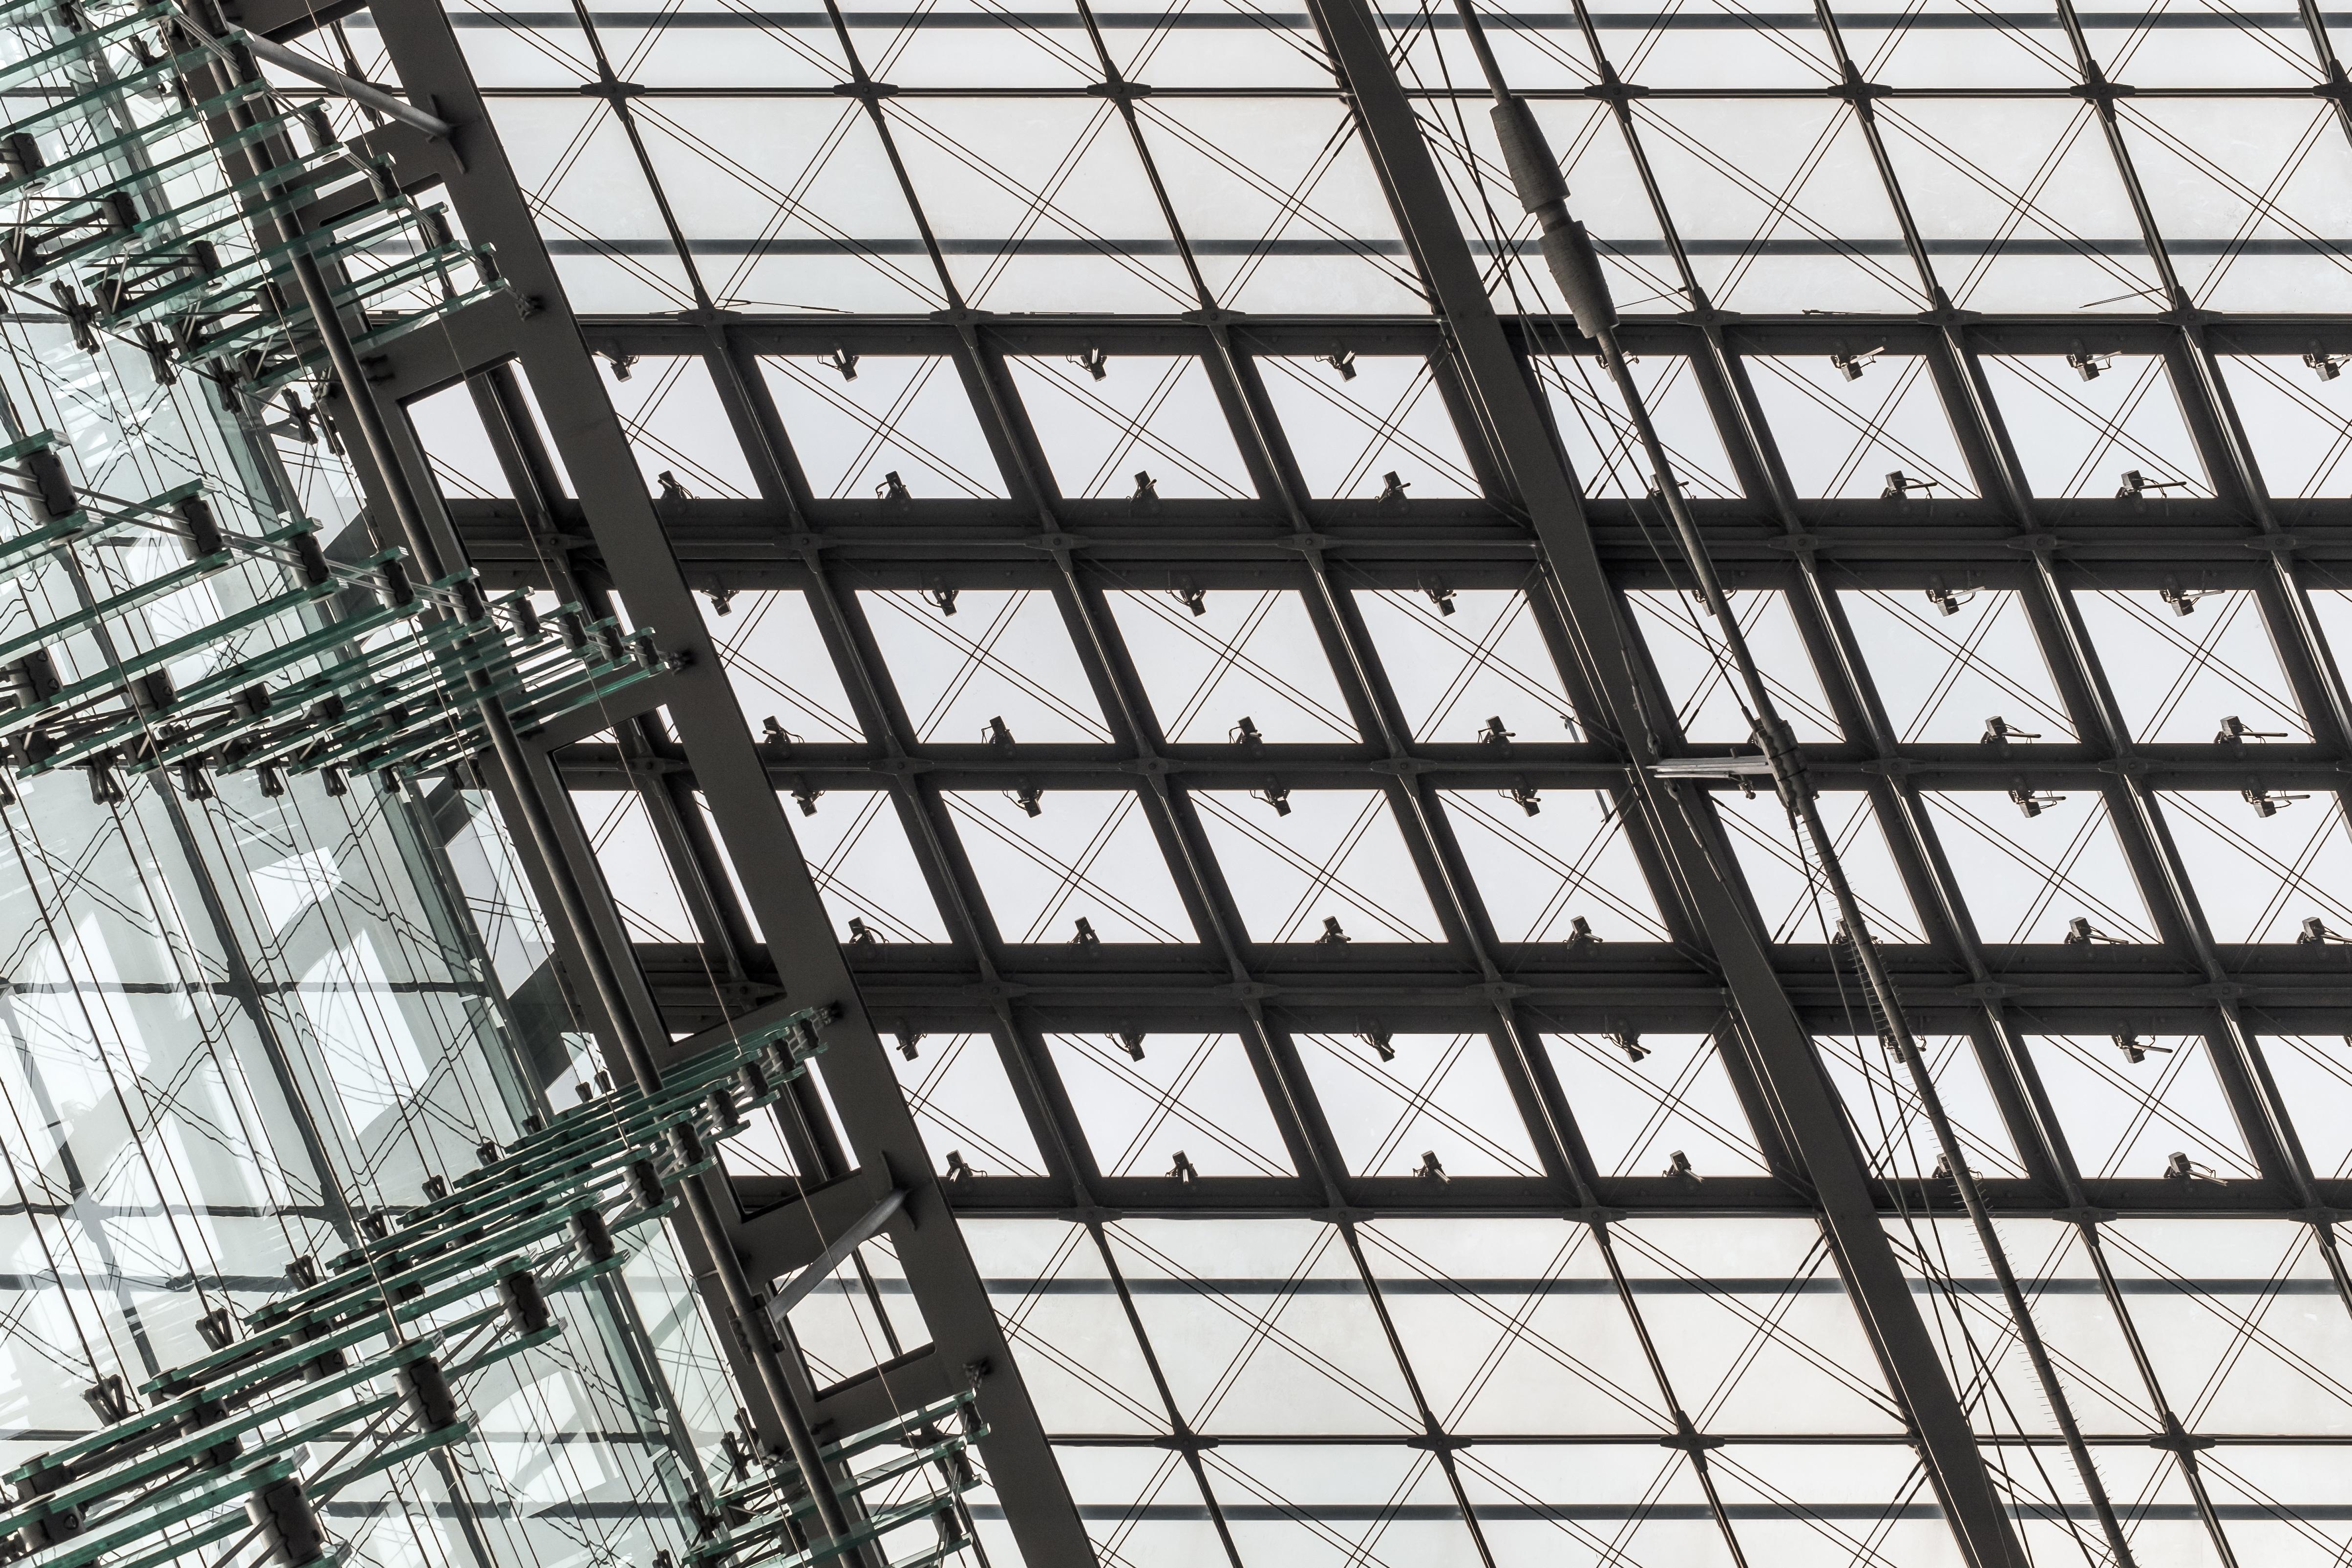 Fotos gratis : arquitectura, estructura, ventana, vaso, techo ...